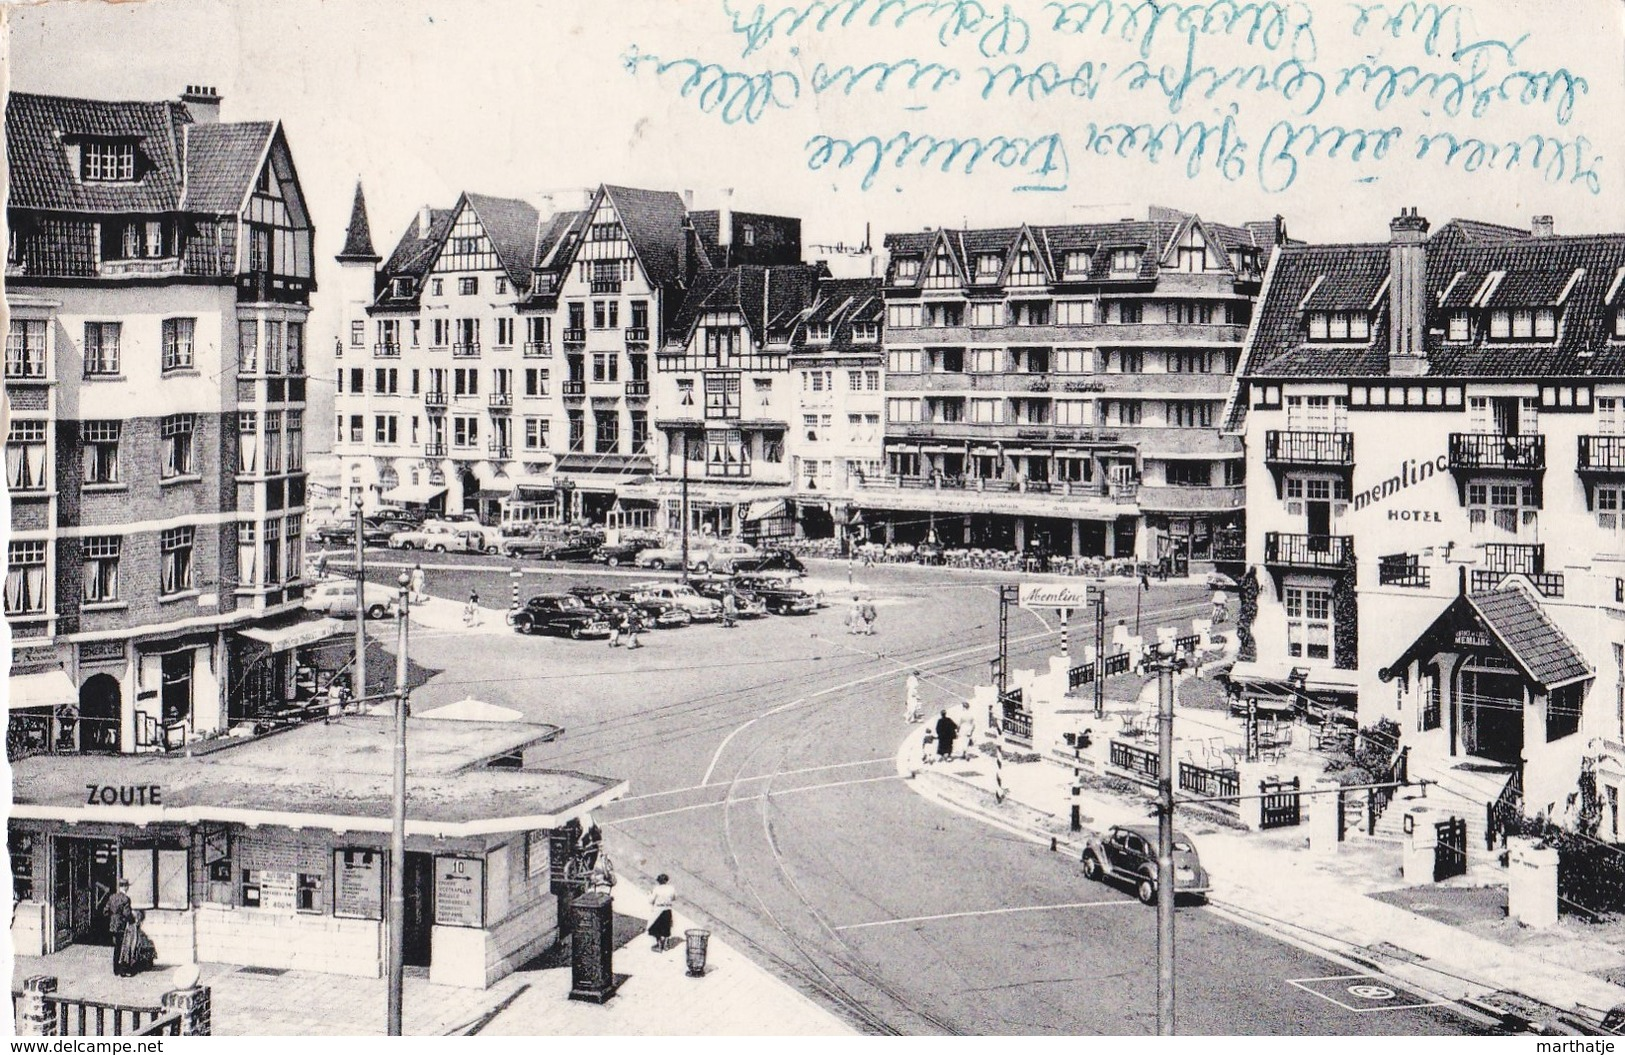 95 - Knokke-Zoute - Albertplaats - Place Albert - Knokke